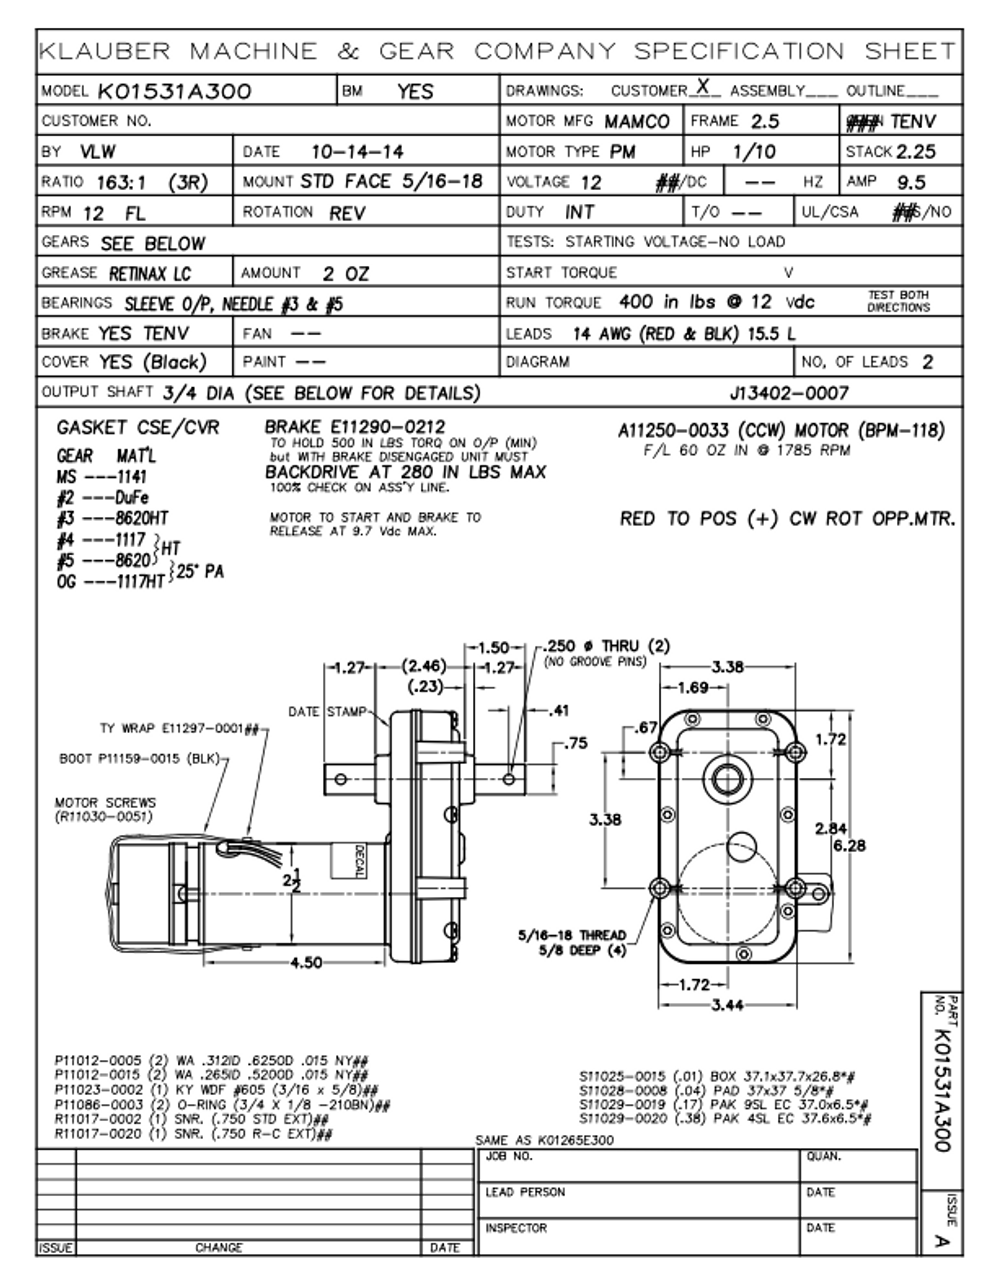 Rv Power Gear Slide Out Motor Pn 523900 (K01531A300)